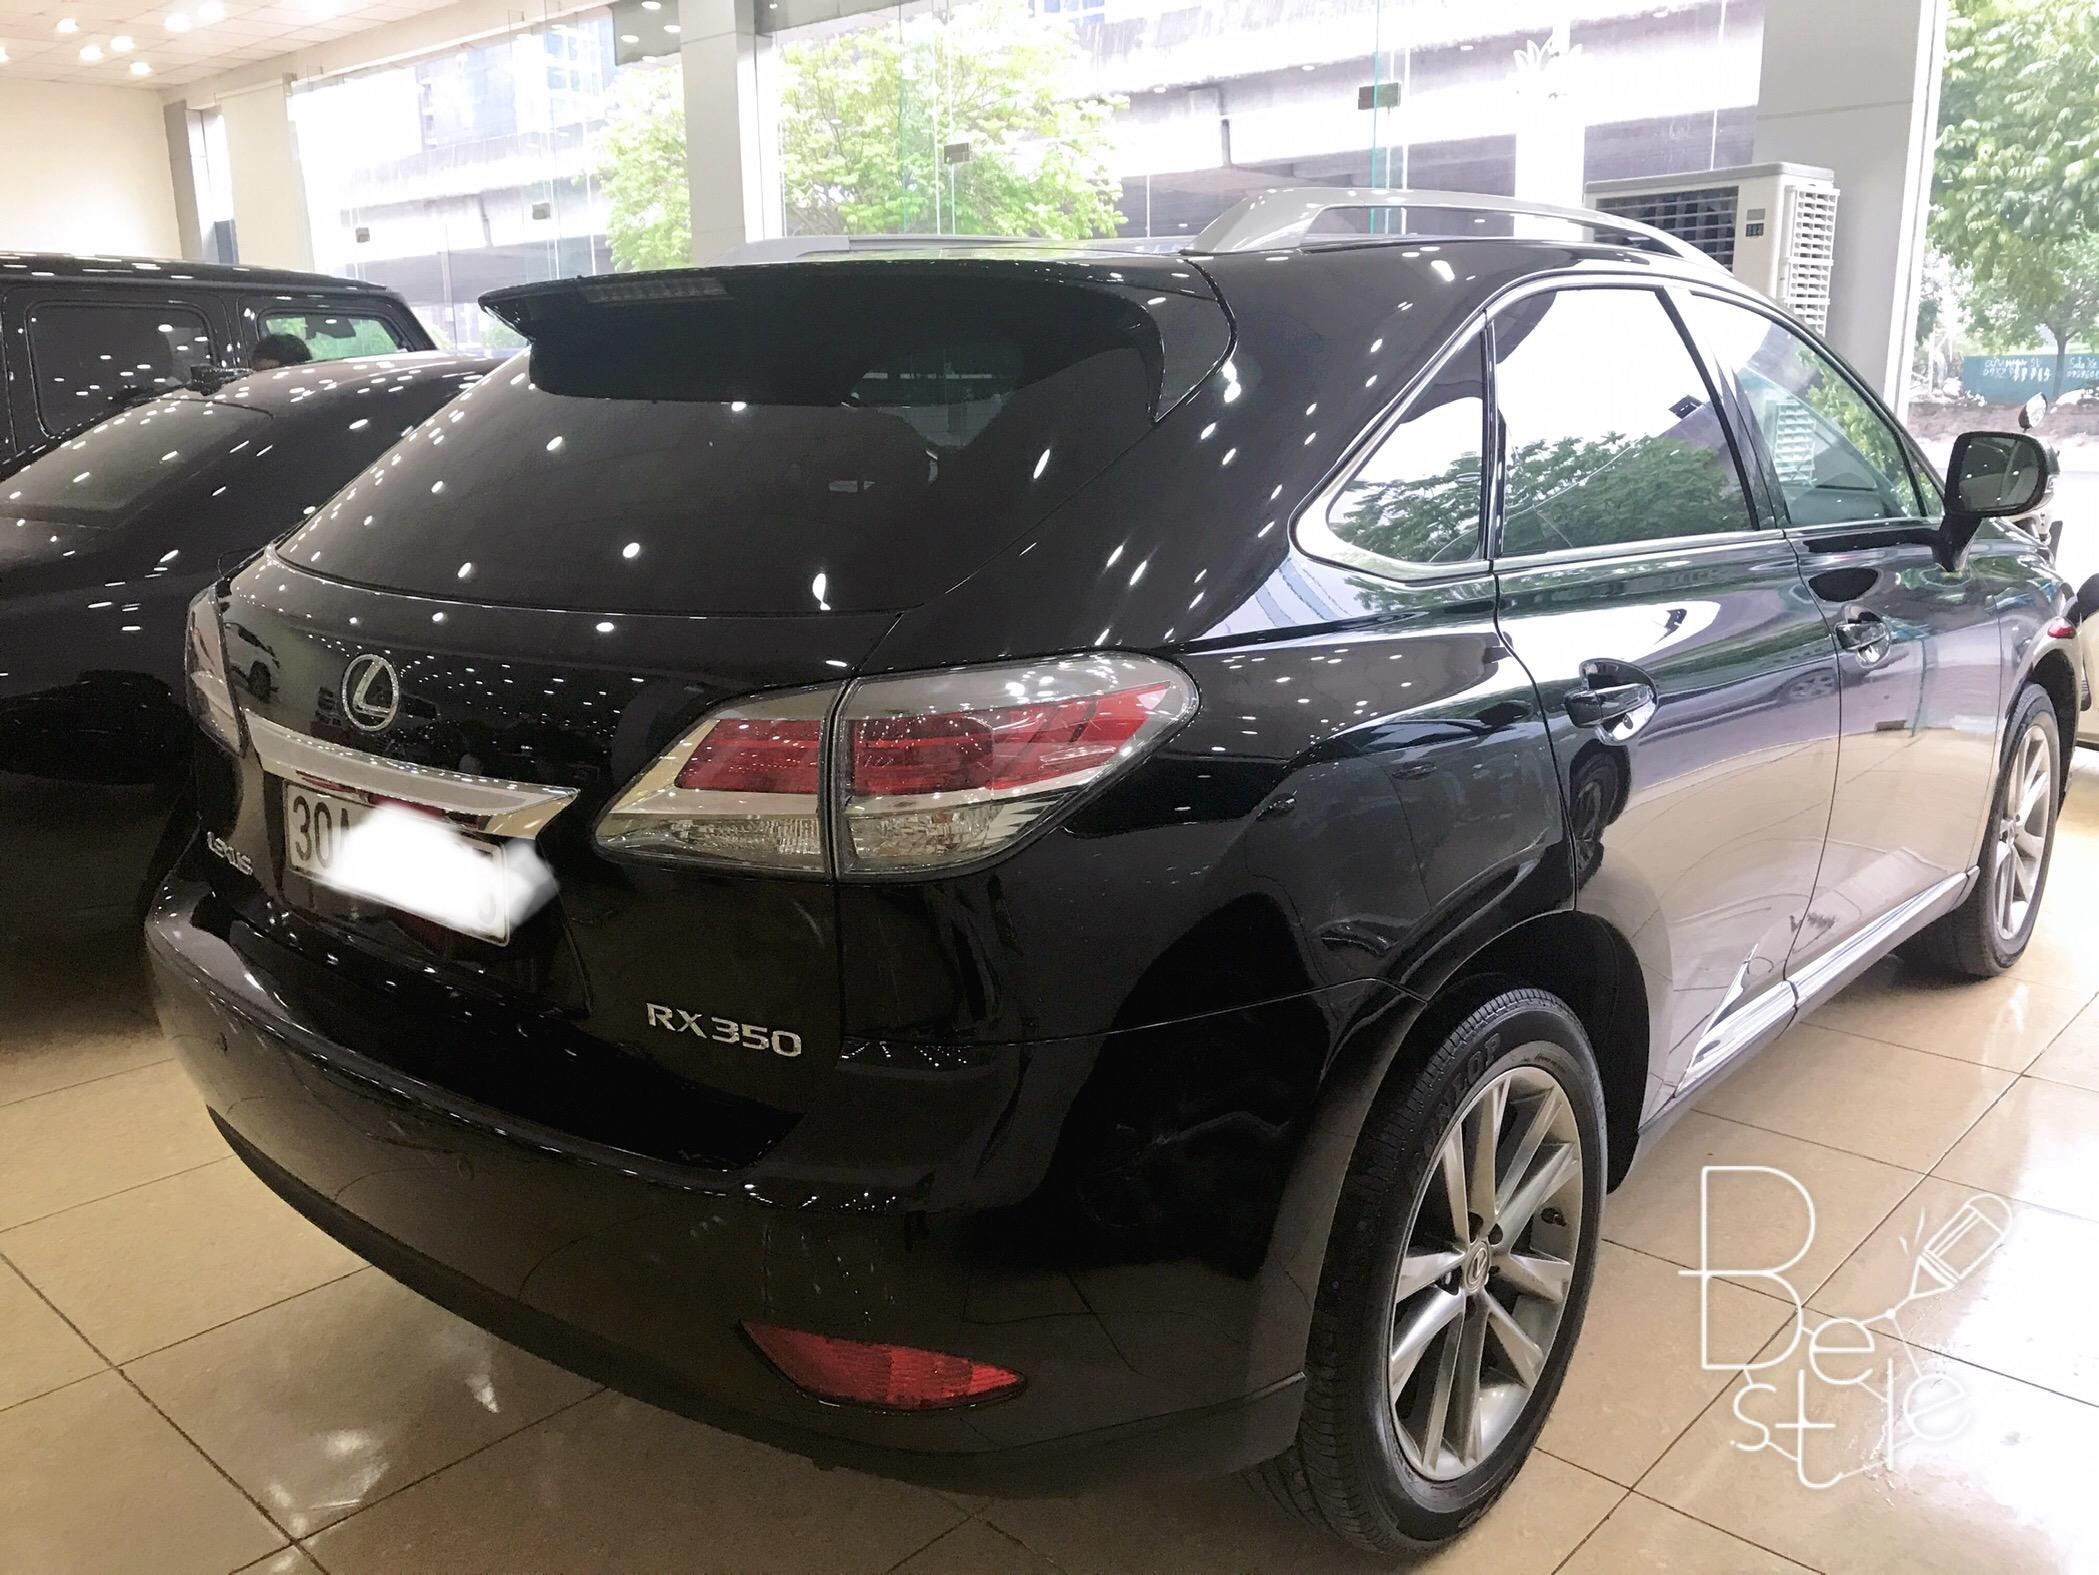 Bán Lexus Rx350 sản xuất và đăng ký 2015,1 chủ từ đầu ,biển Hà Nội 2